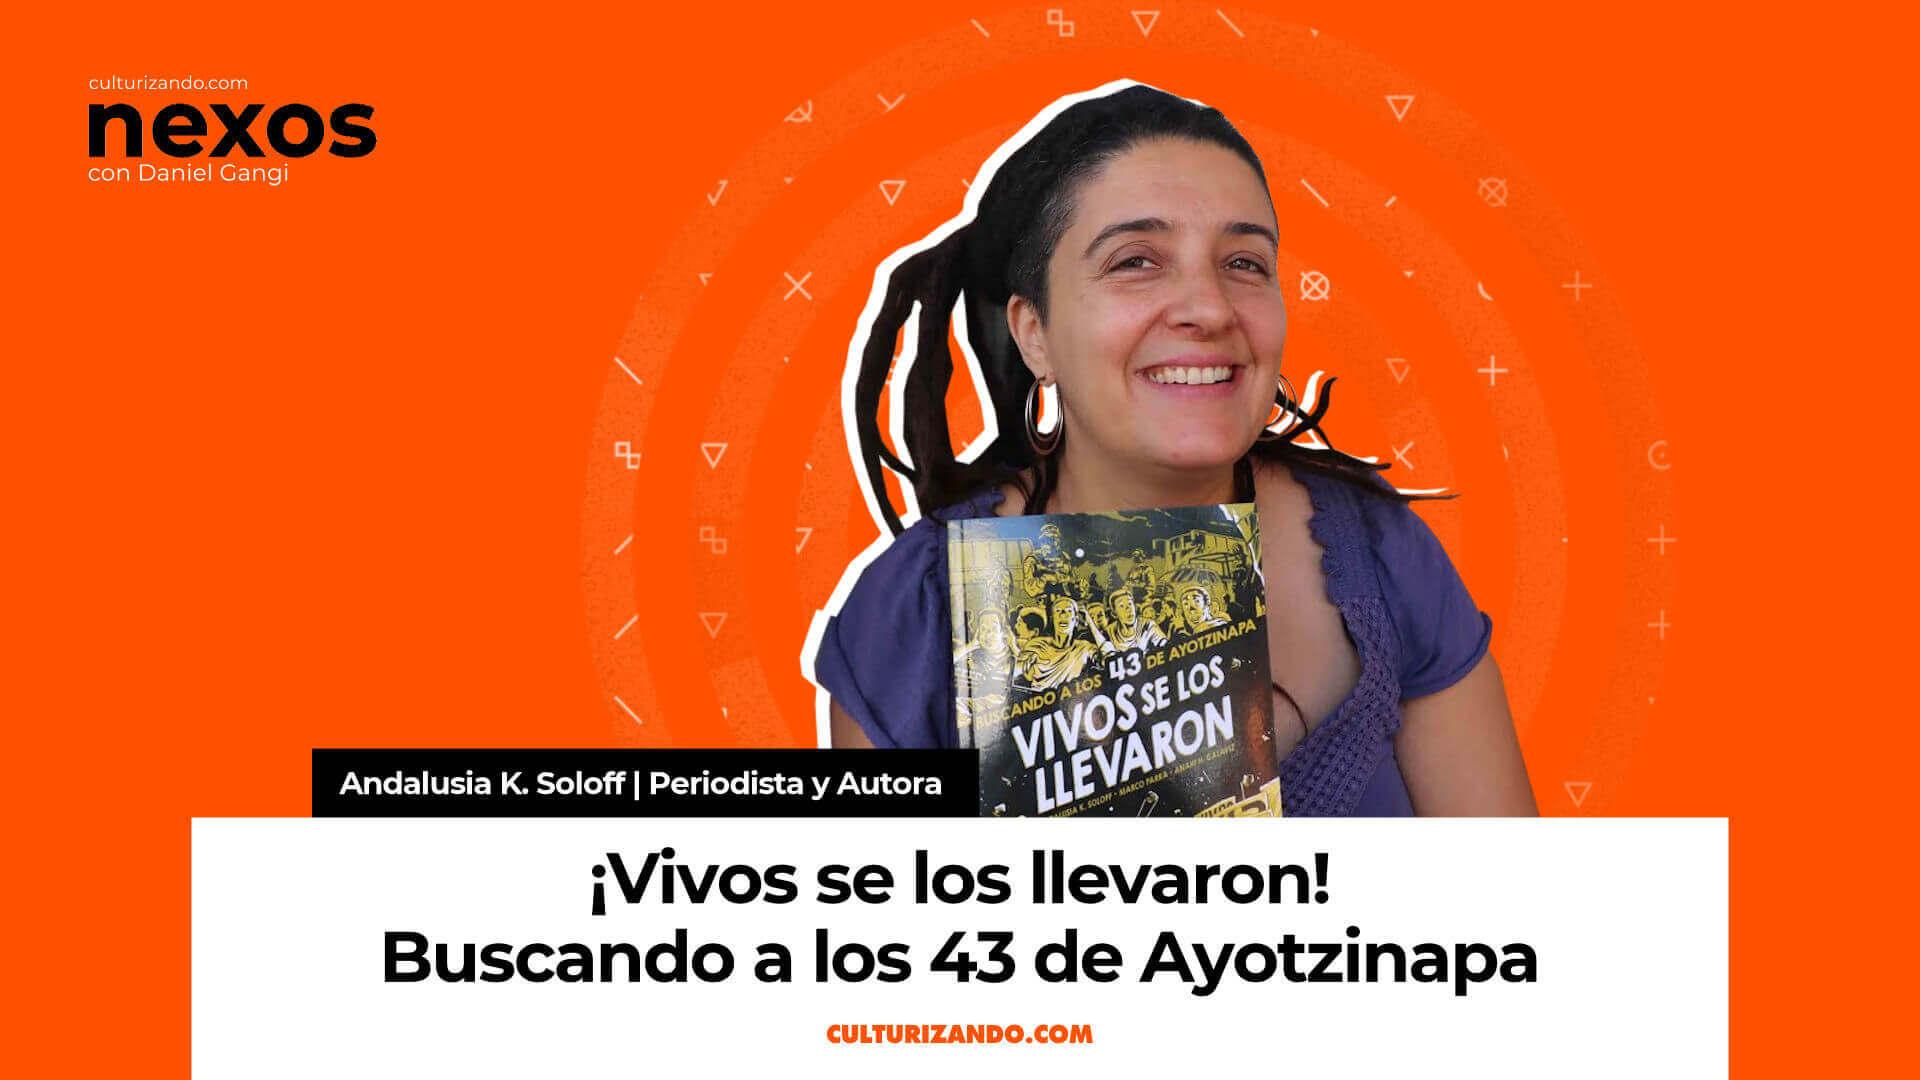 ¡Vivos se los llevaron! Buscando a los 43 de Ayotzinapa